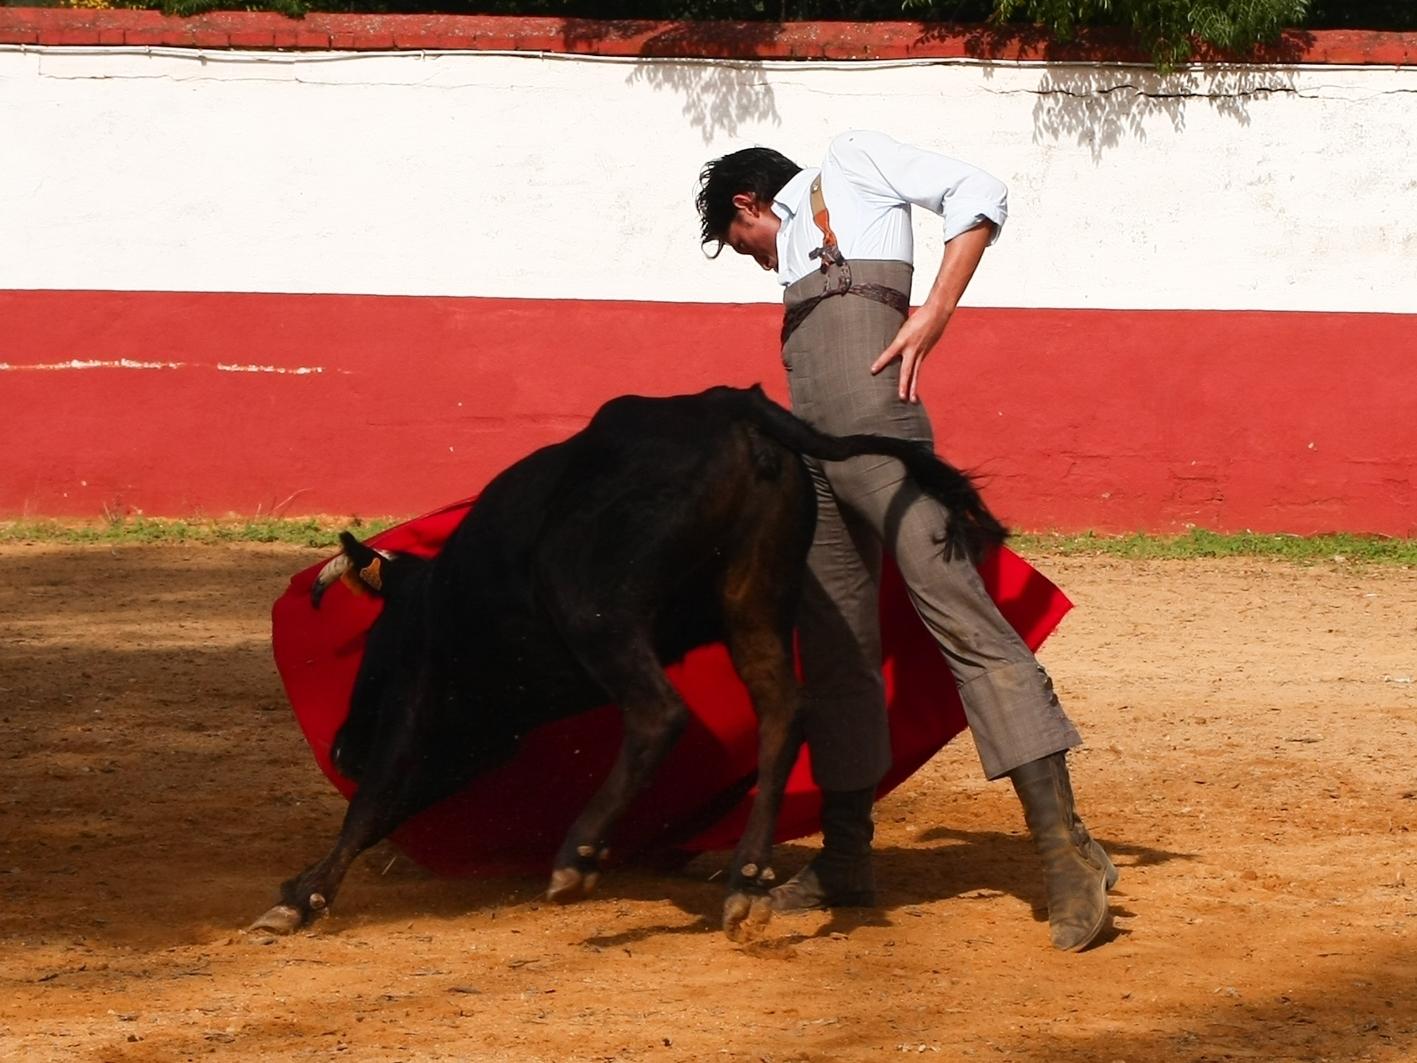 La exigente escuela del campo ha sido fundamental en la puesta a punto de Ángel Jiménez, que ya se encuentra recuperado. / J.R. Pigne